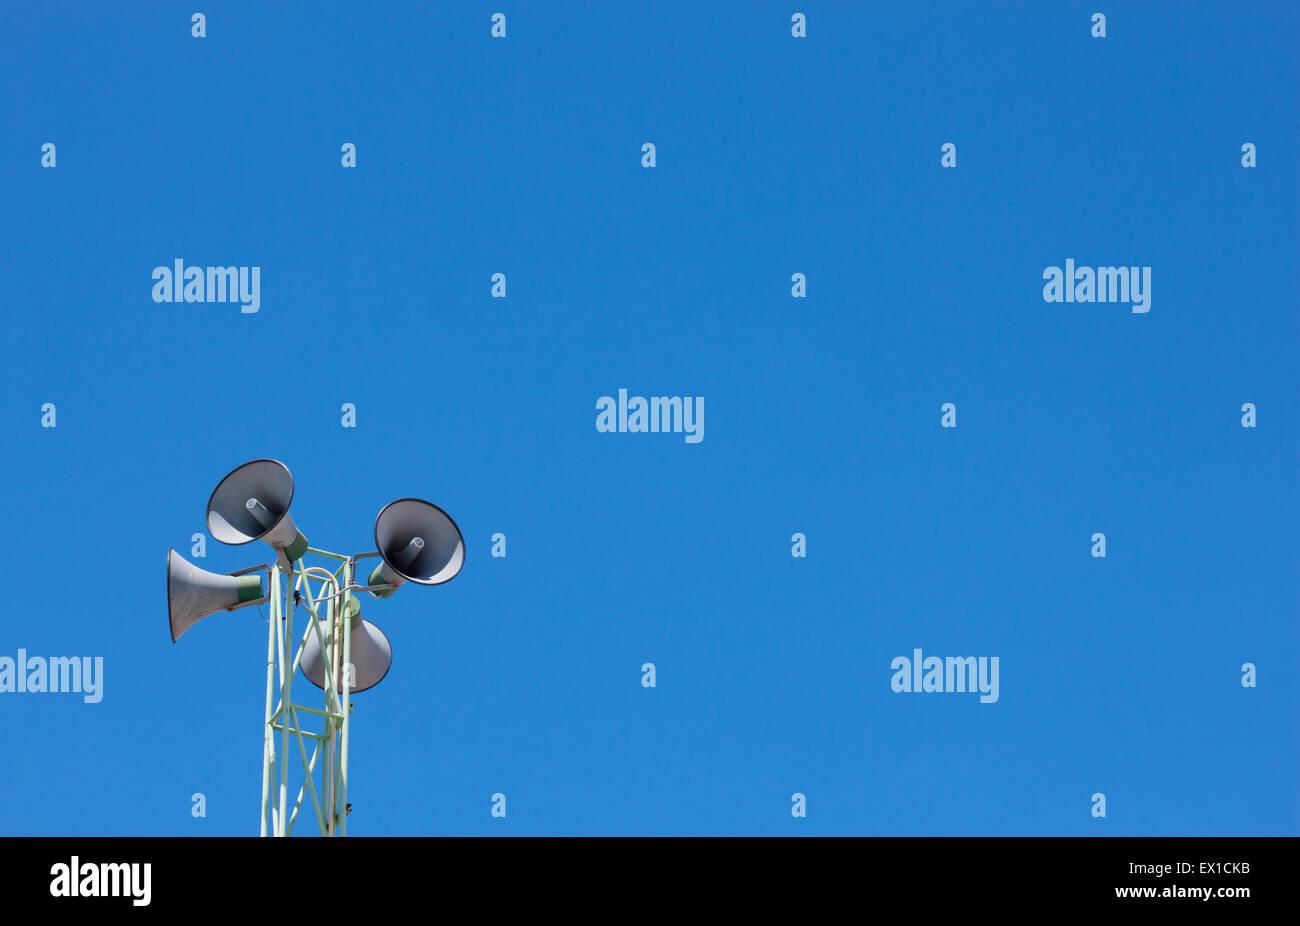 Megáfono y cielo azul Imagen De Stock